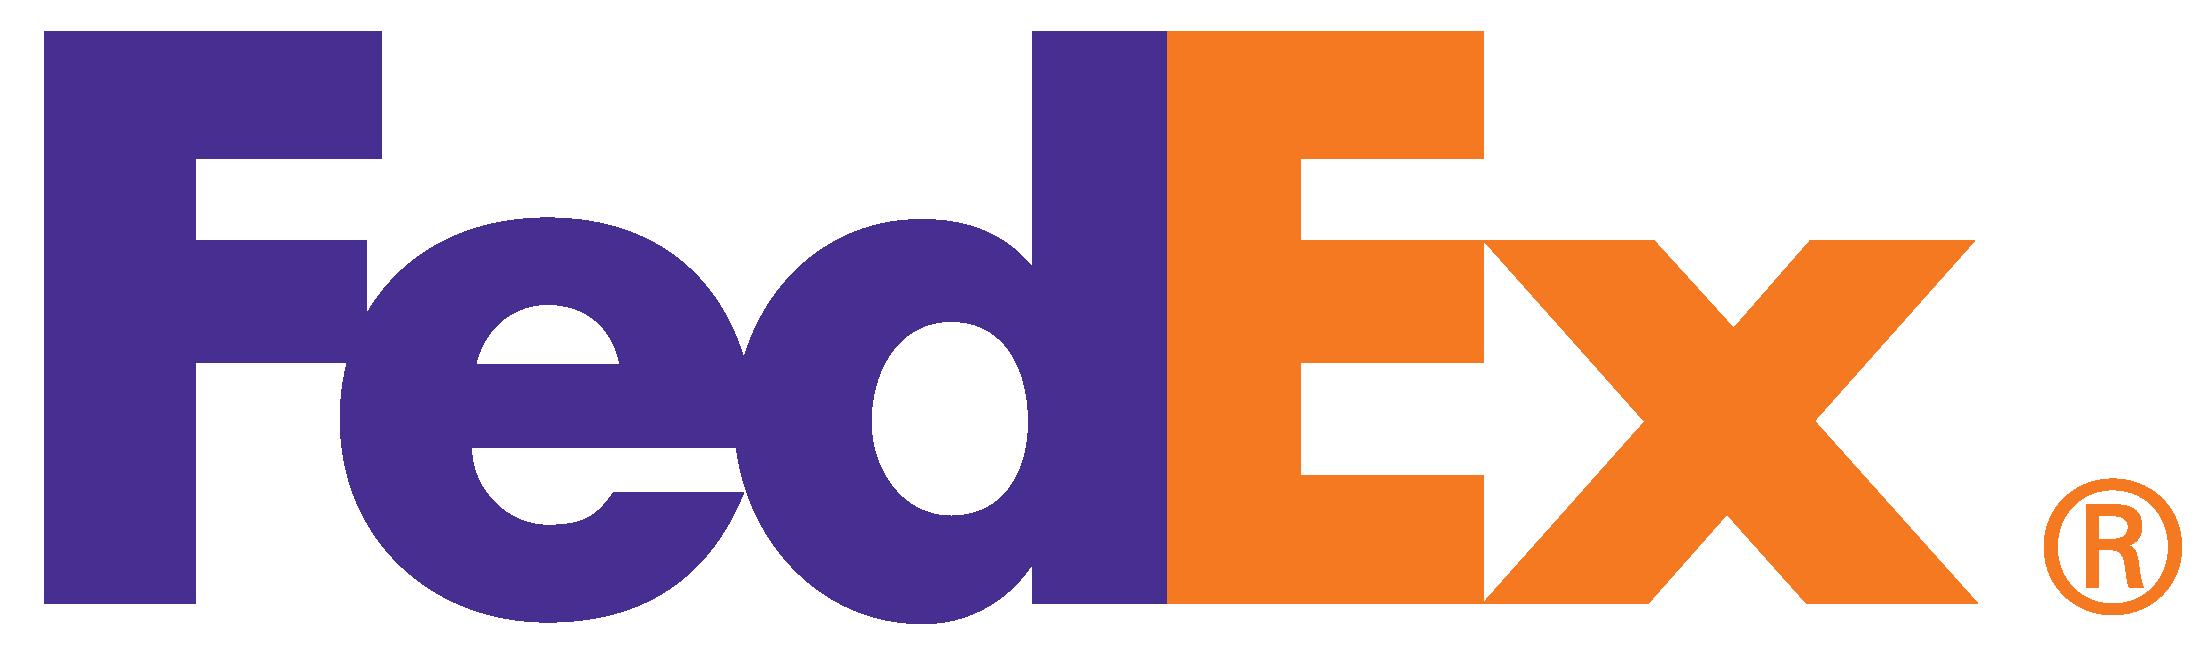 FedEx Priority